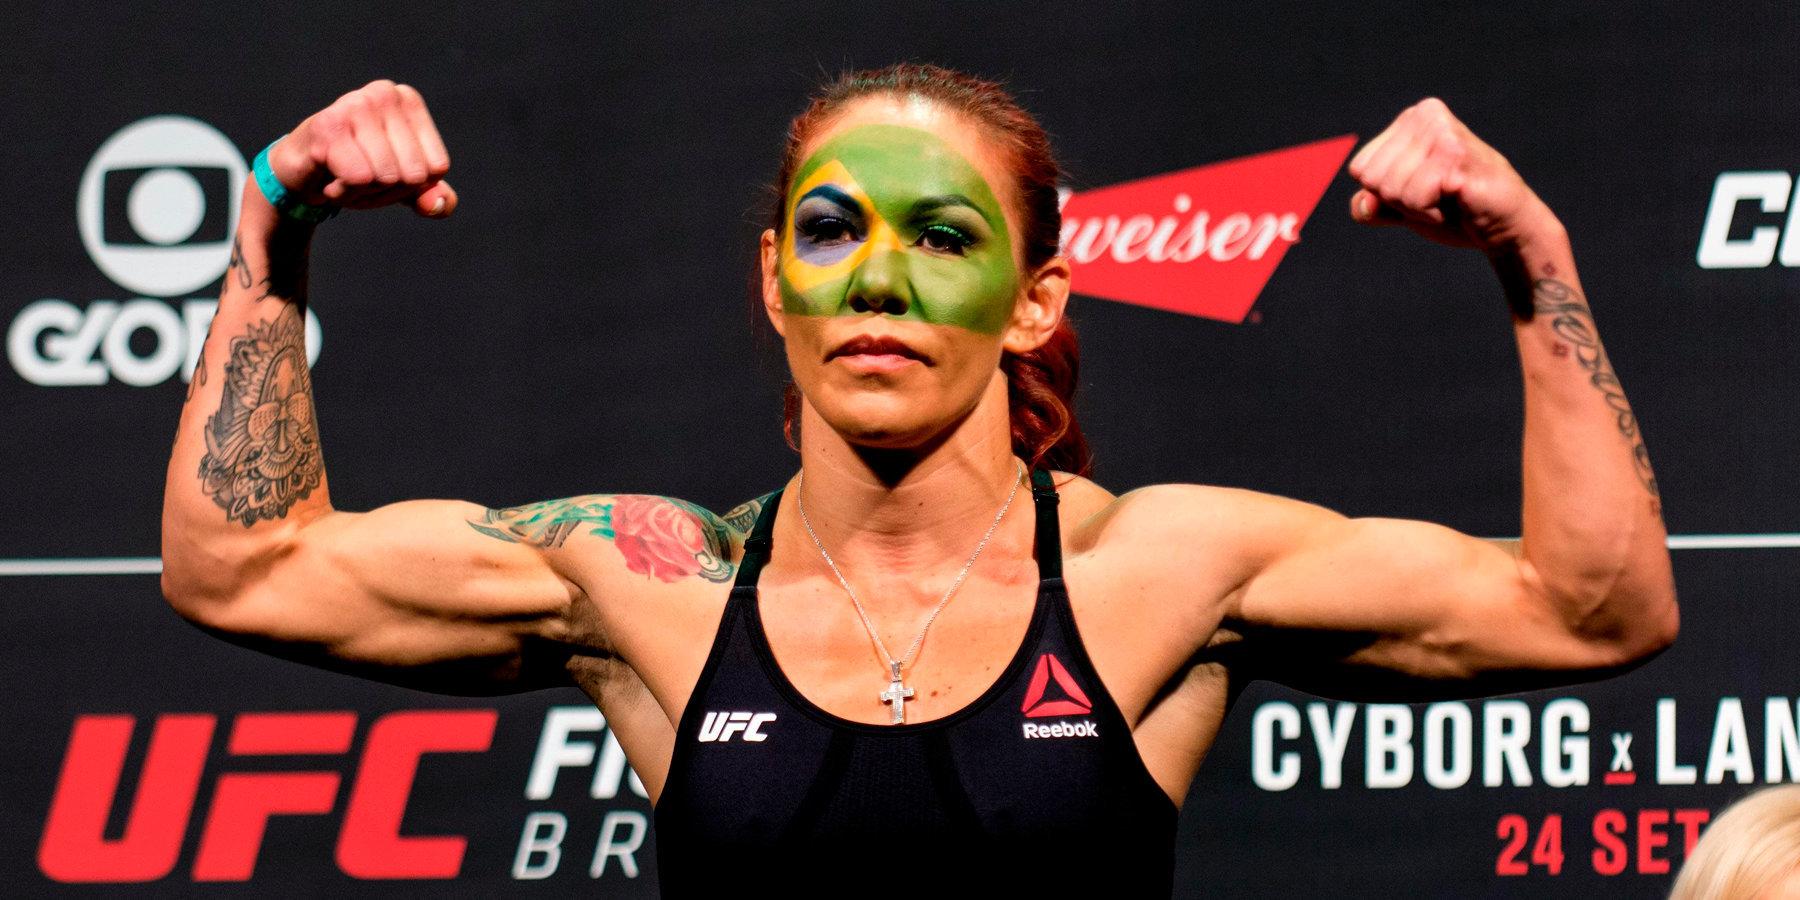 Уайт объявил о прекращении сотрудничества UFC с экс-чемпионкой организации Сайборг